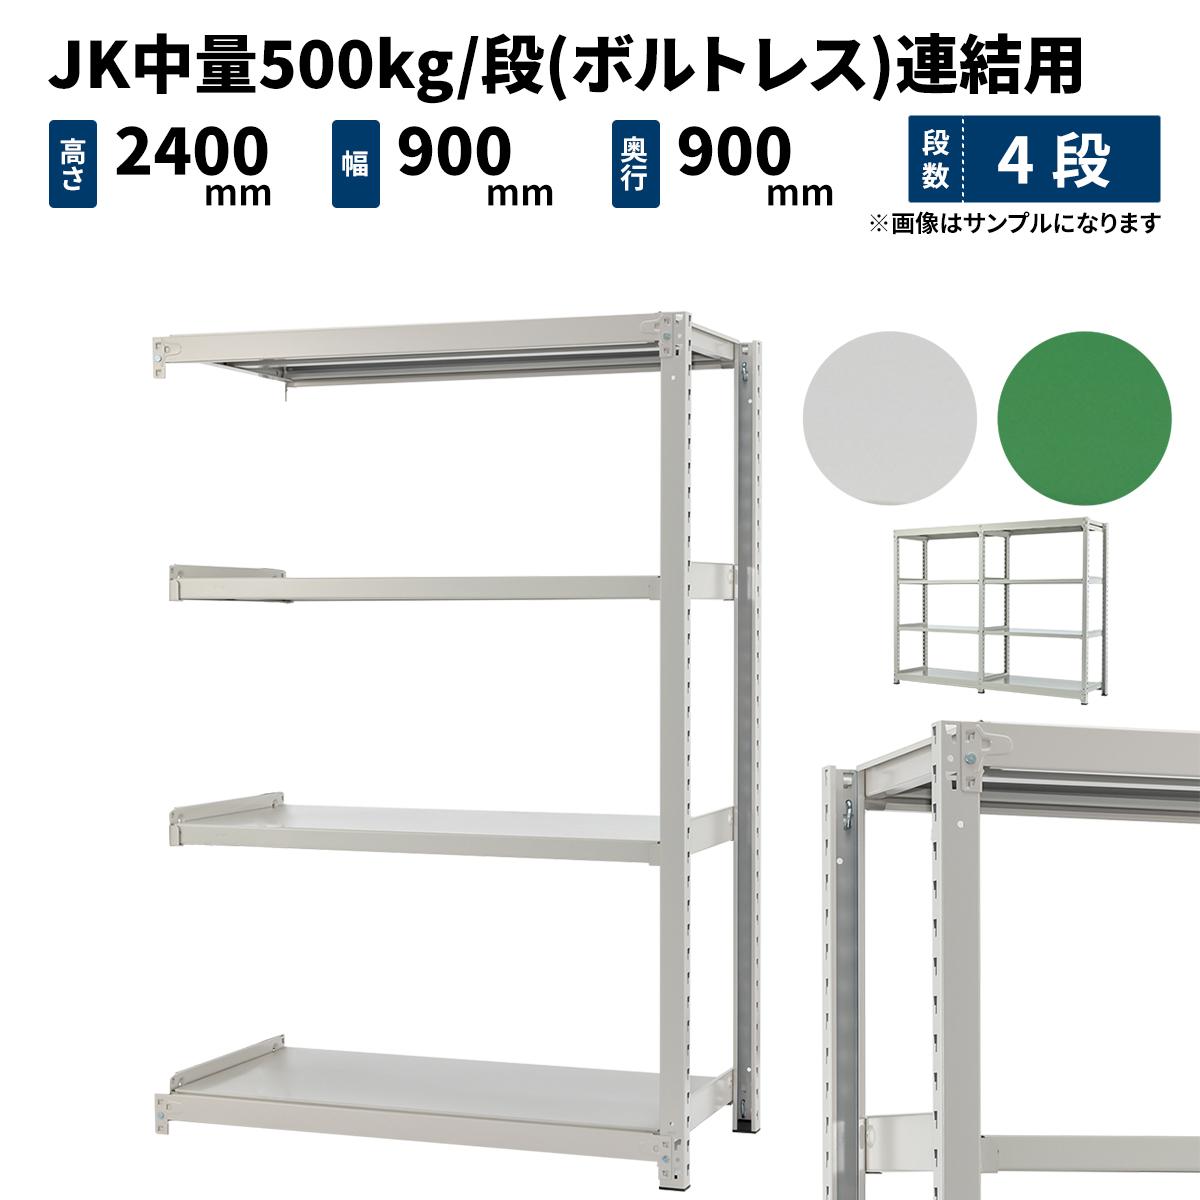 スチールラック 業務用 JK中量500kg/段(ボルトレス) 連結形式 高さ2400×幅900×奥行900mm 4段 ホワイトグレー/グリーン (71kg) JK500_R-240909-4